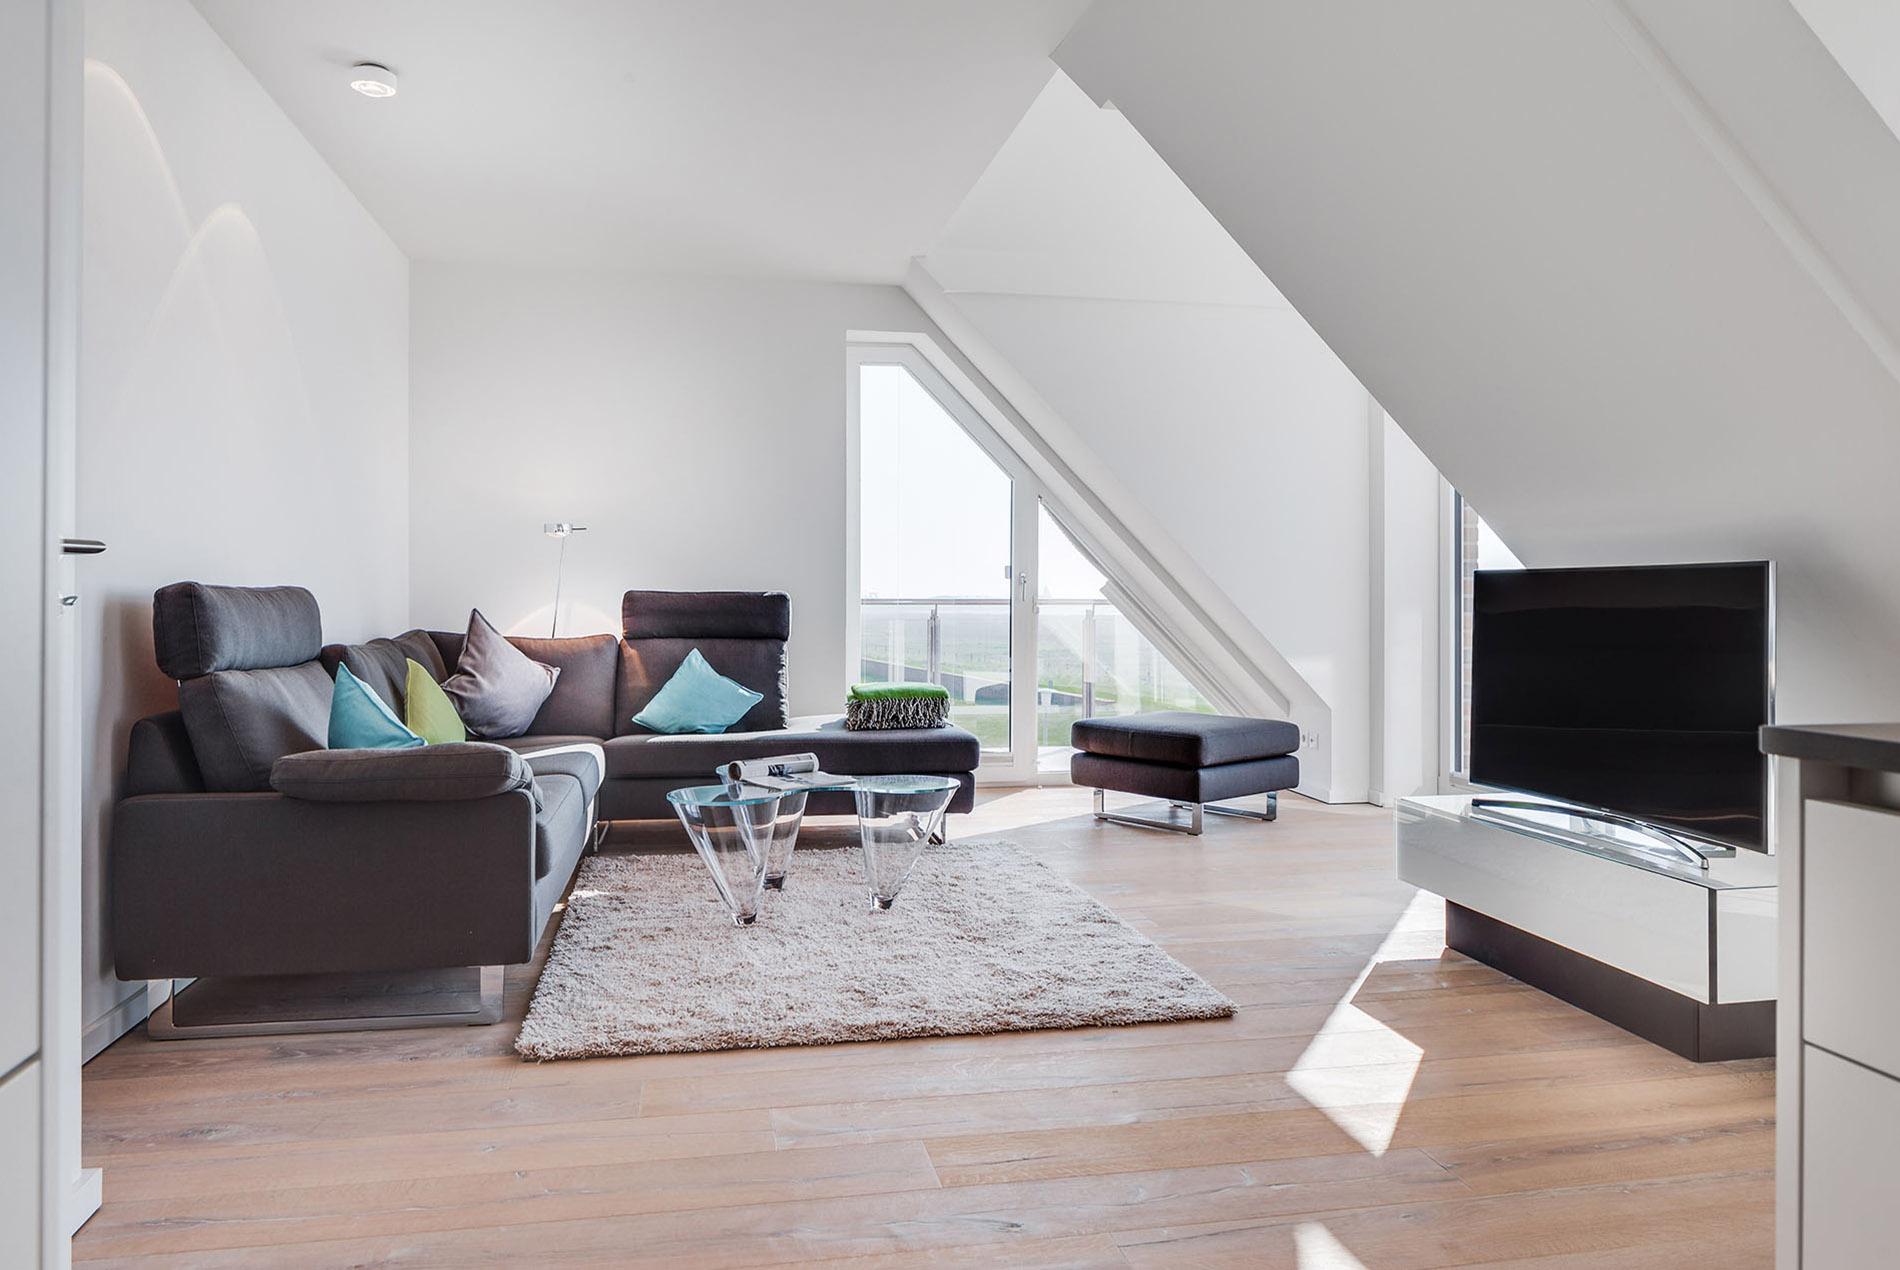 offenes wohnzimmer mit dachschr gen in ferienwohnung tischlerei sch pker. Black Bedroom Furniture Sets. Home Design Ideas